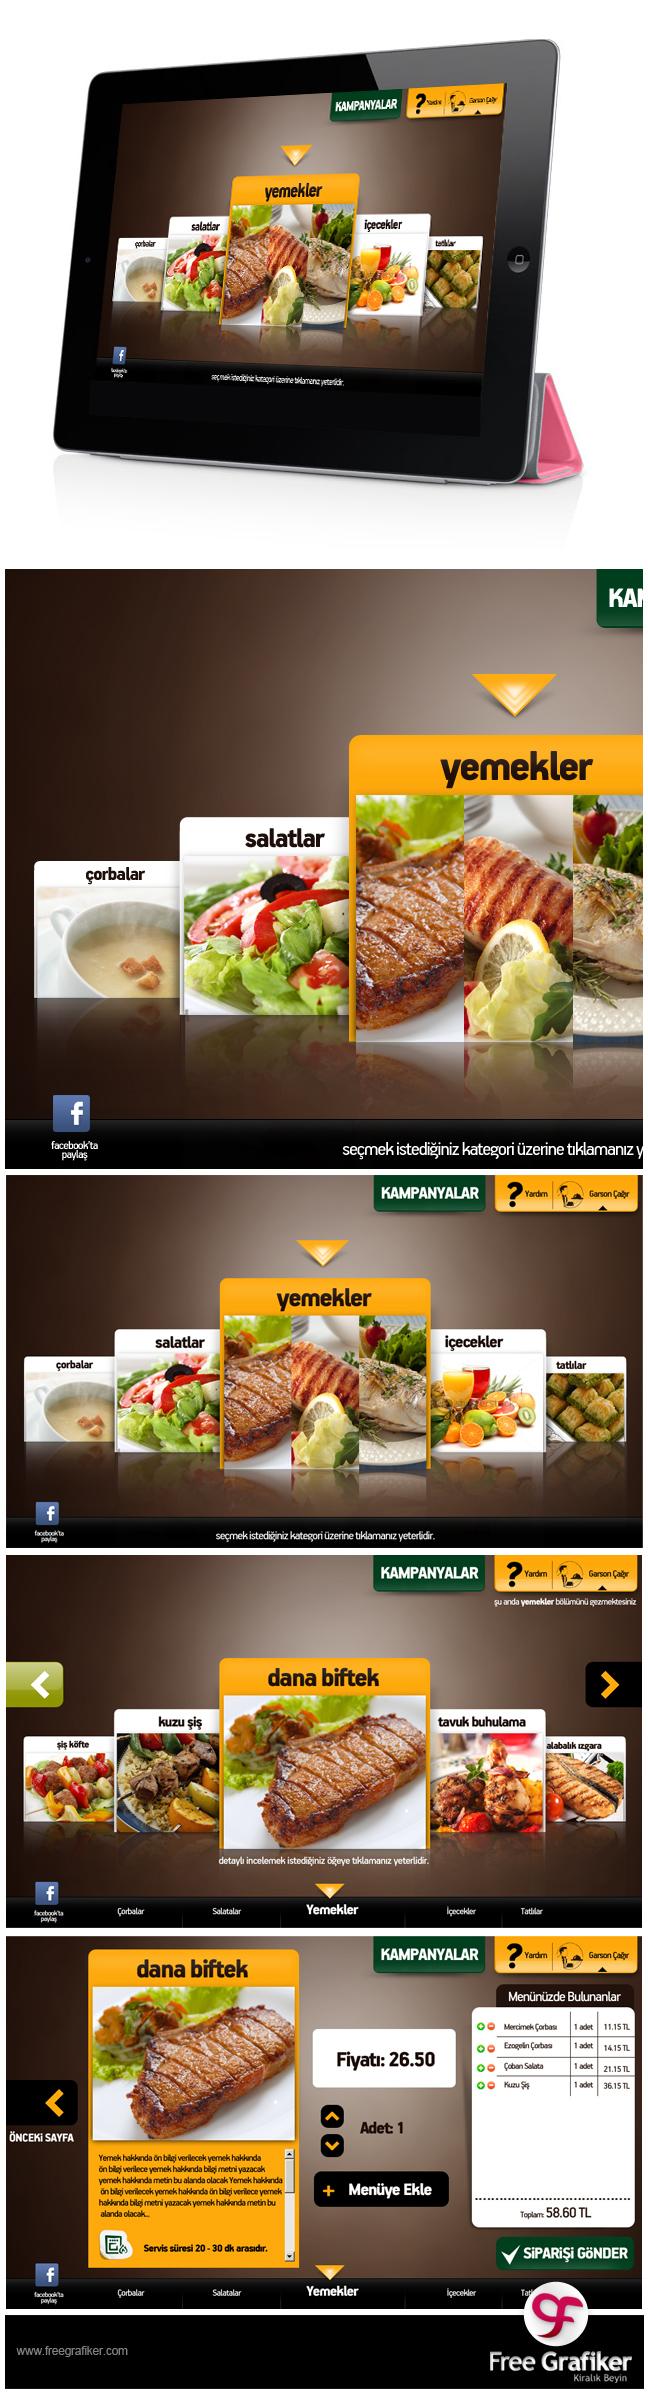 Ipad Yemek Menüsü Tasarımı